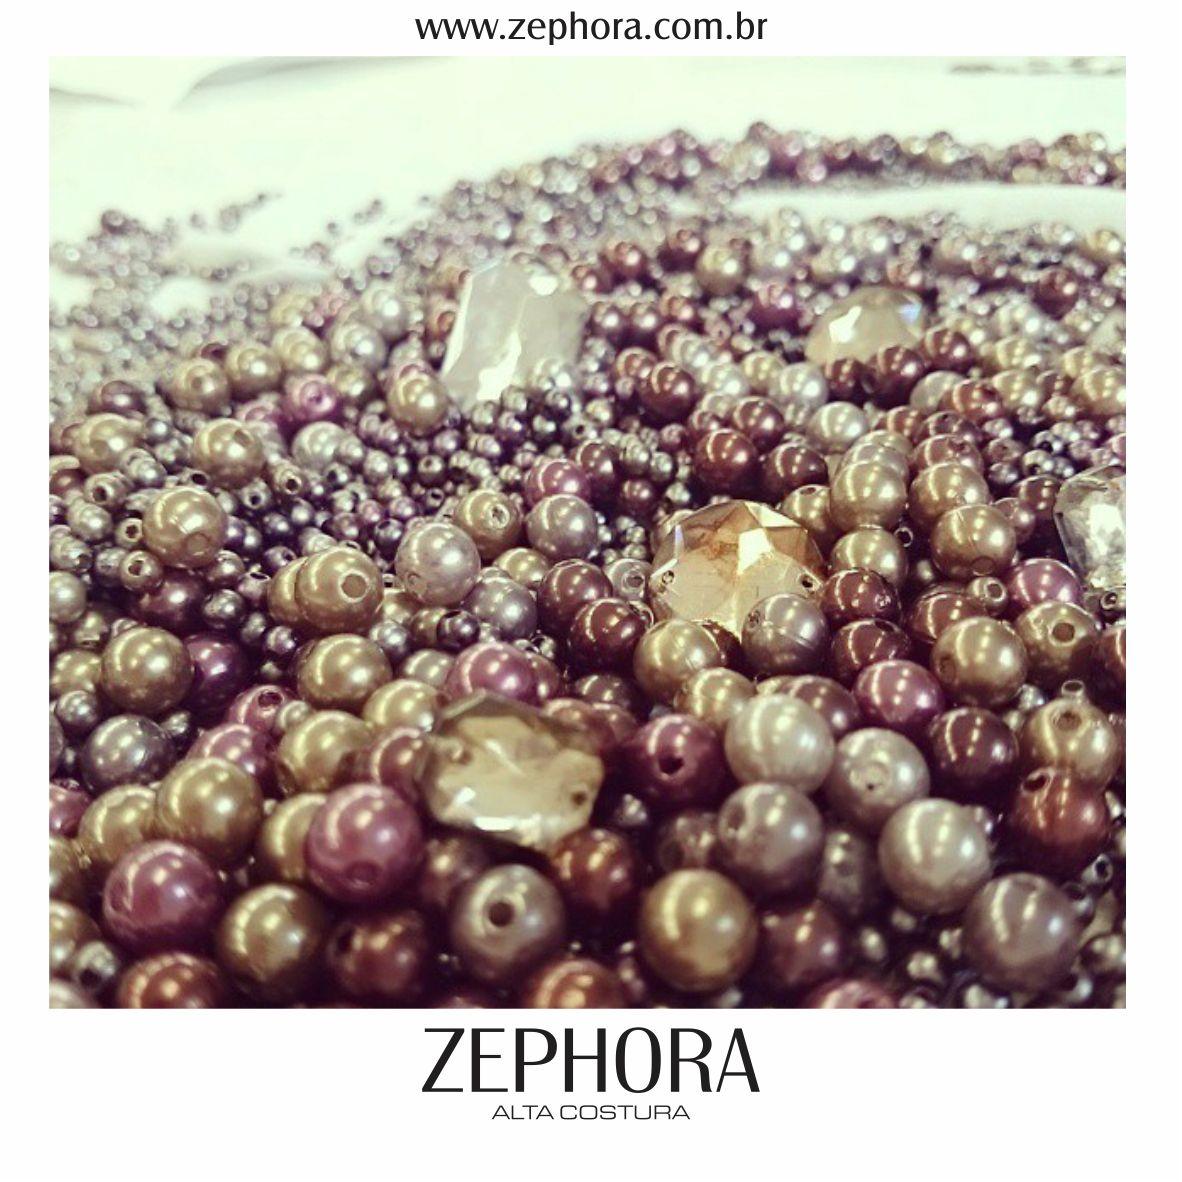 Detalhes Zephora Alta Costura por Eduardo Malta